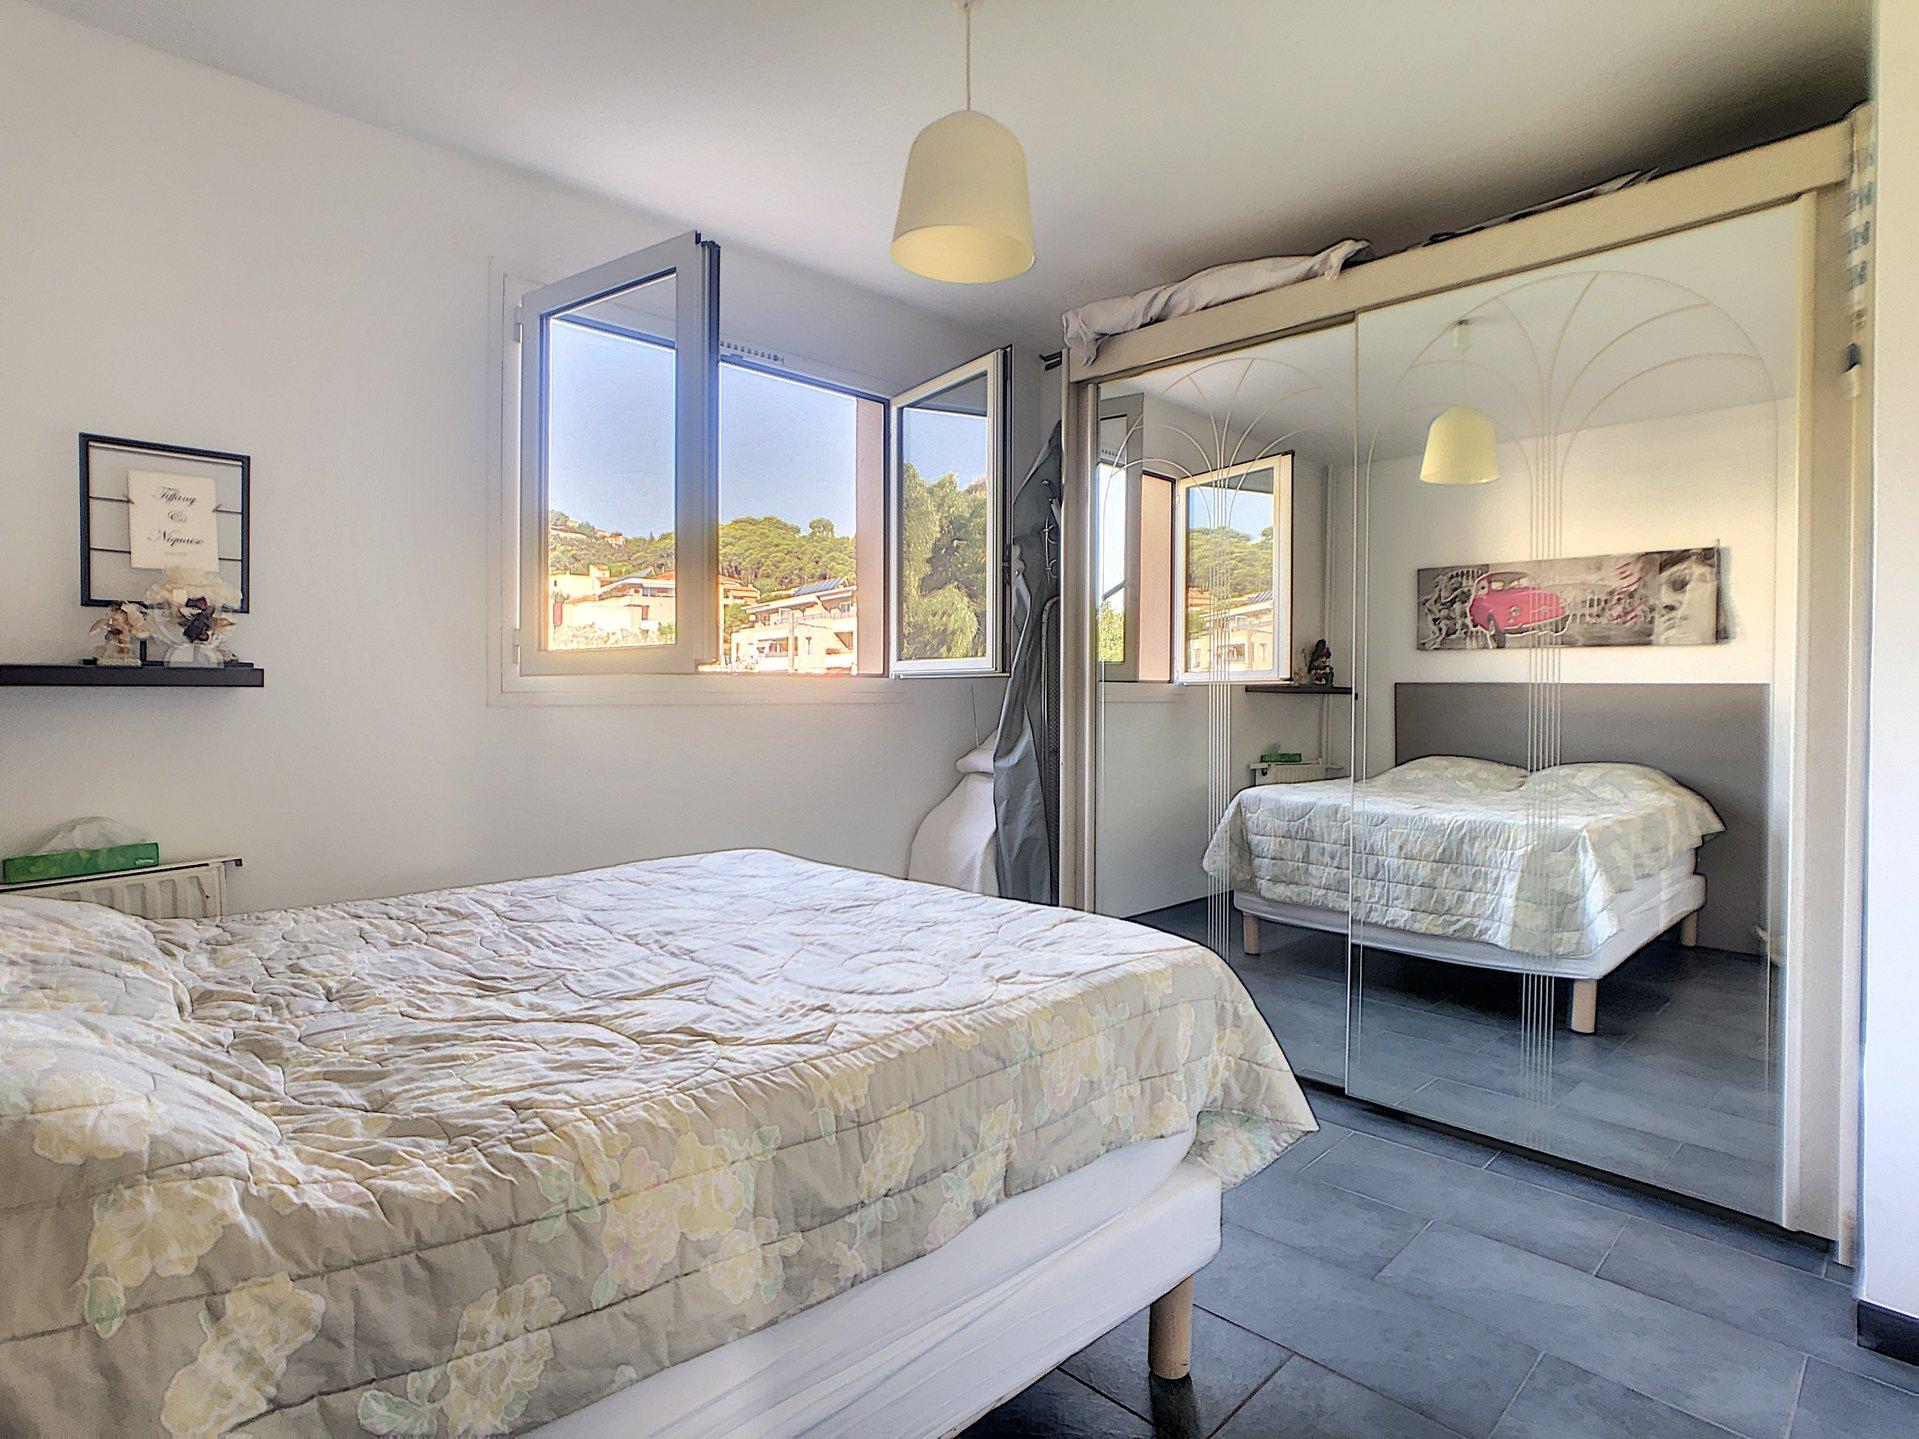 SAINT LAURENT DU VAR - (06700) - Appartement 4 pièces - Parking - Cave